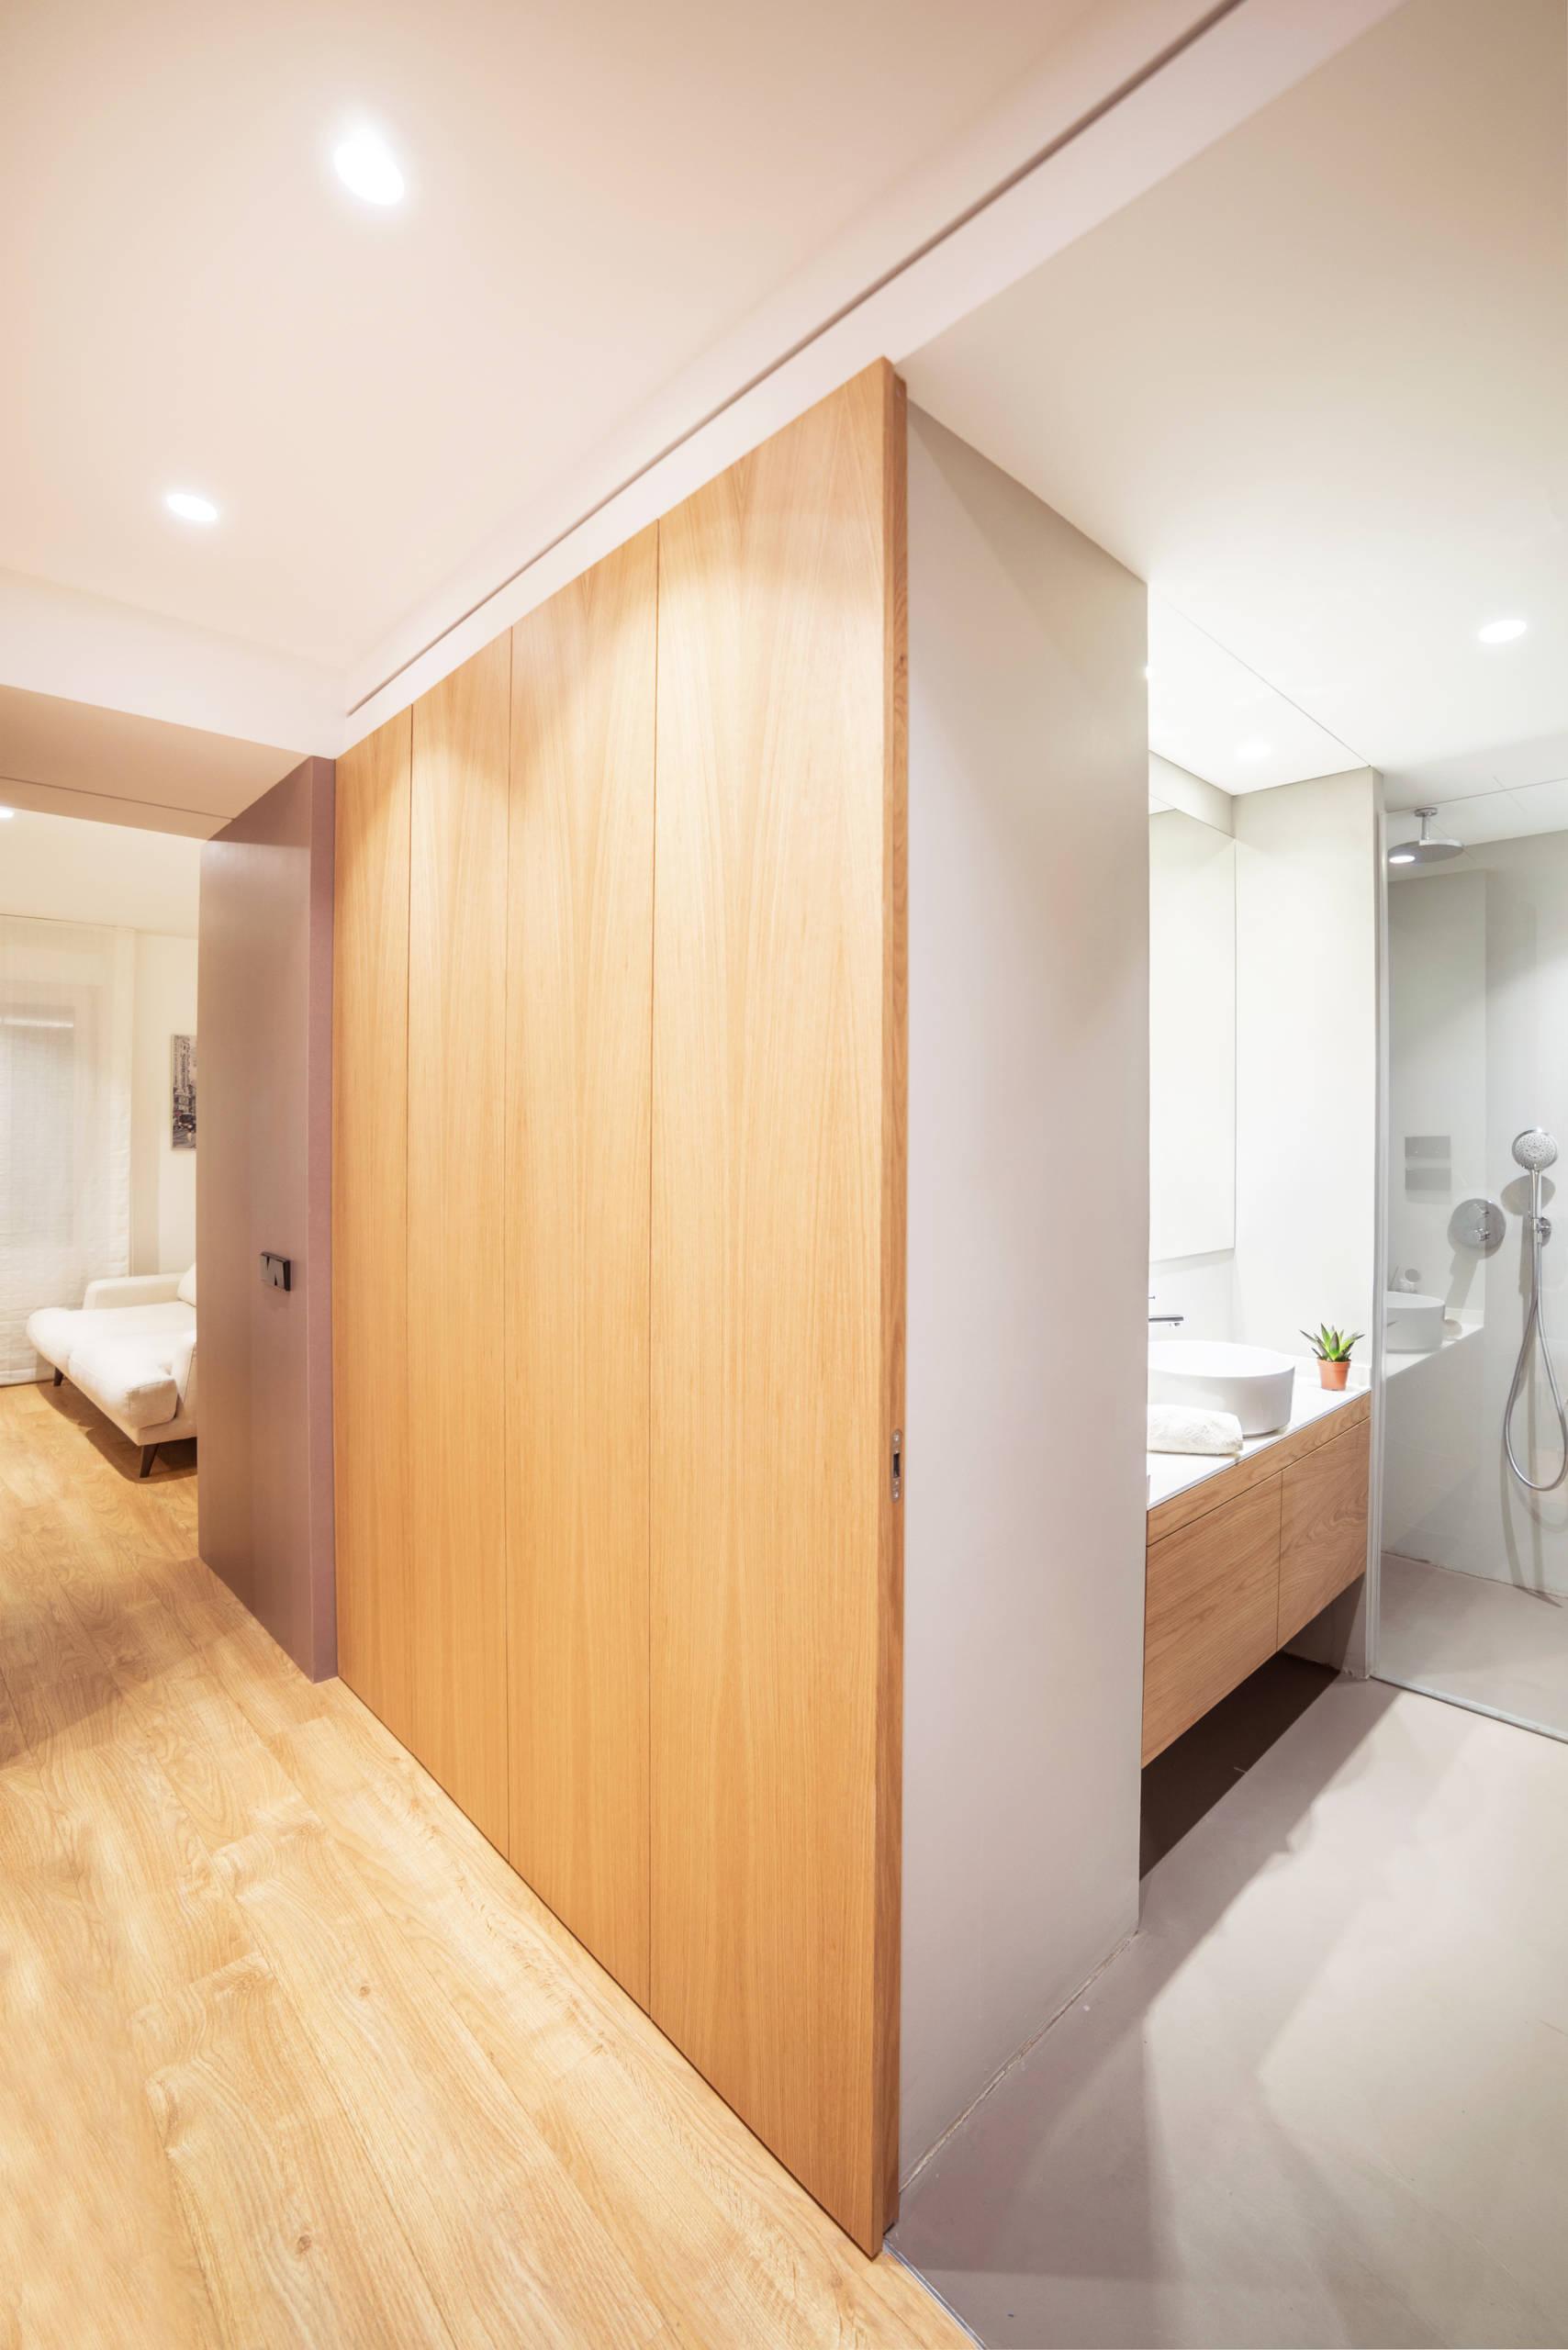 Dormitorio en suite. Vista hacia el baño.